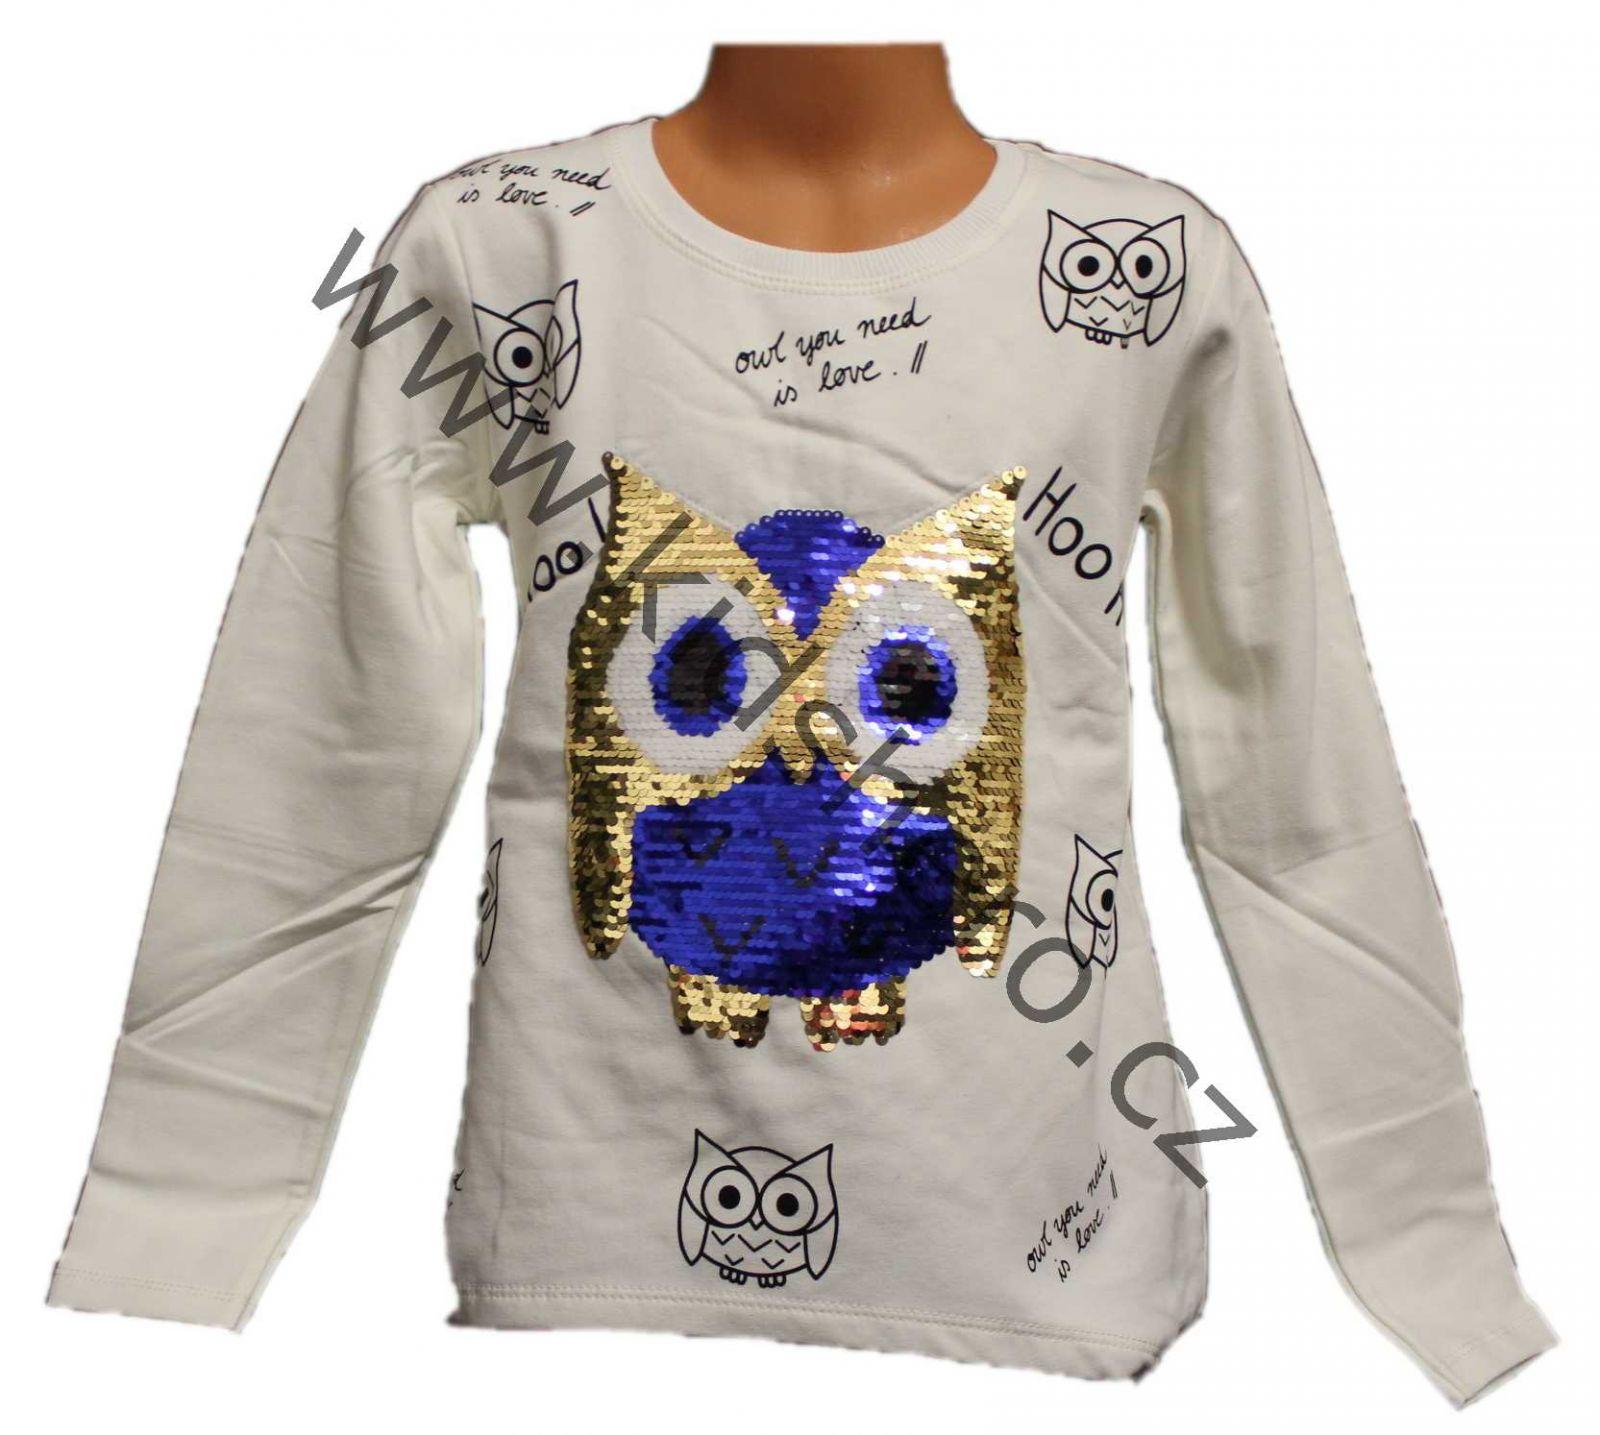 měnící mikina, měnící triko, přeměňovací mikina, měnící obrázek, tričko s flitry